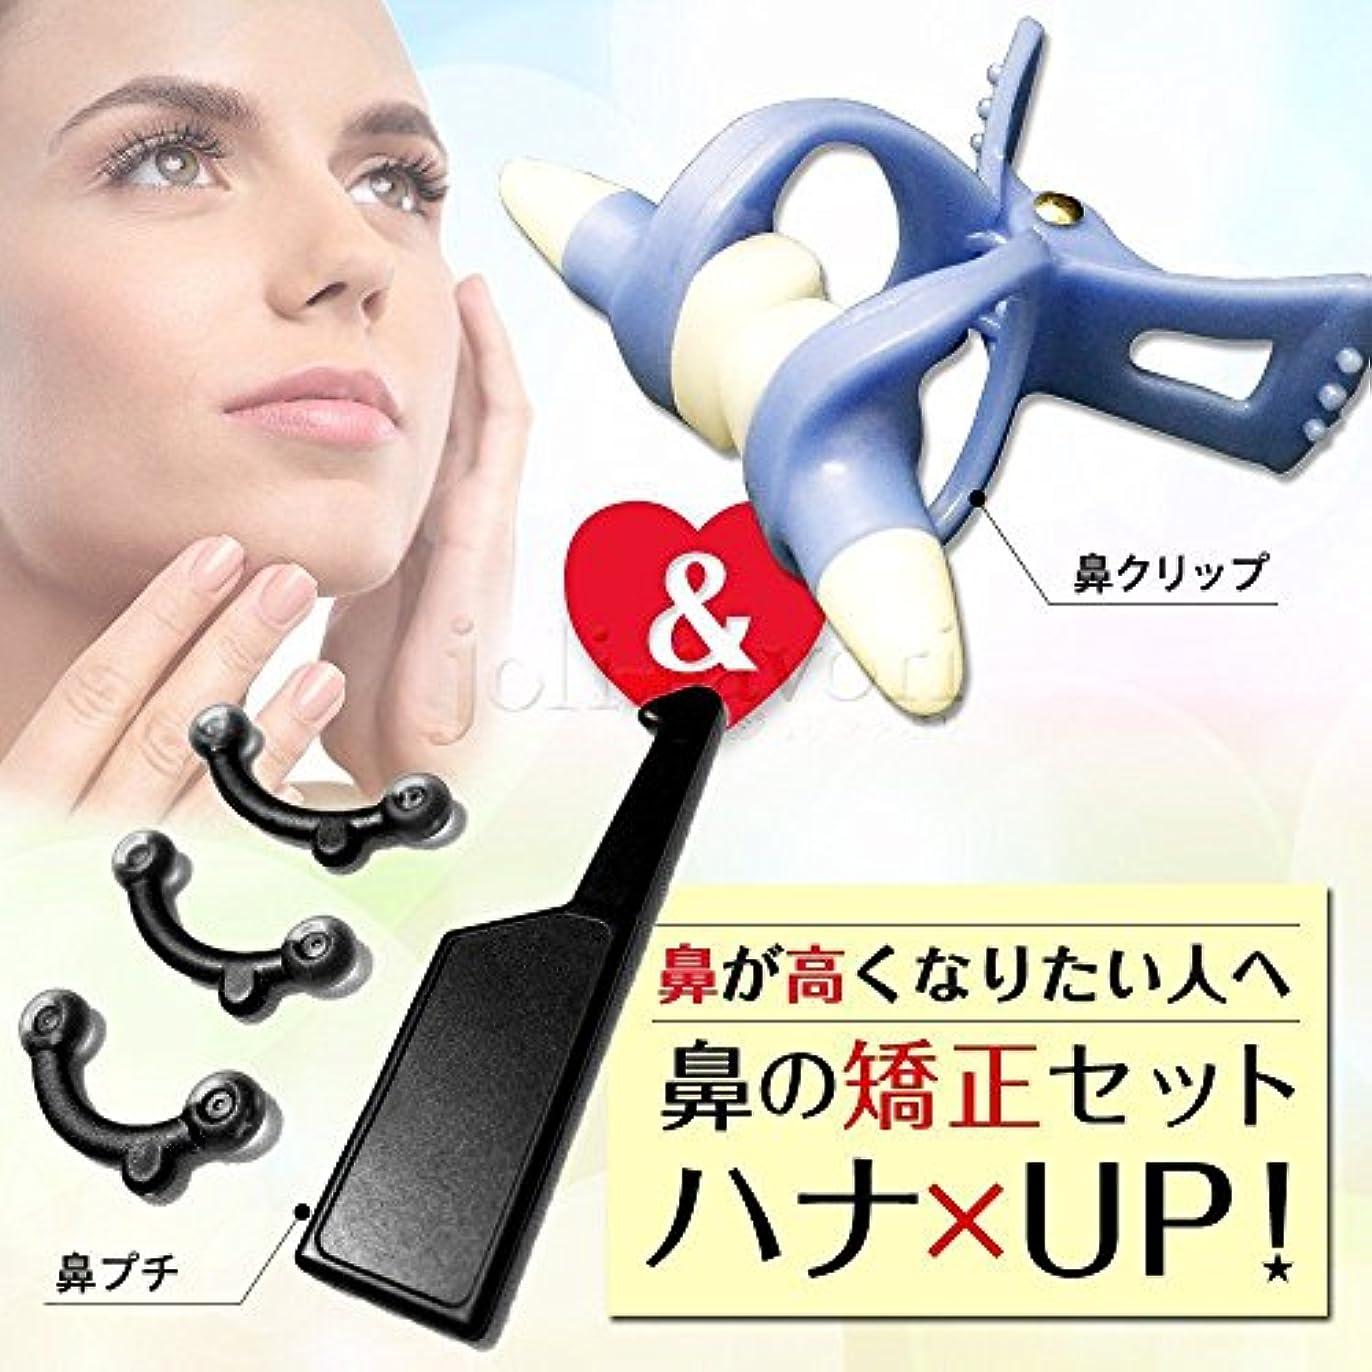 ゴシップ退屈させる後退する【jolifavori】鼻プチ&ノーズアップ 着けるだけ簡単!鼻メイク矯正セット